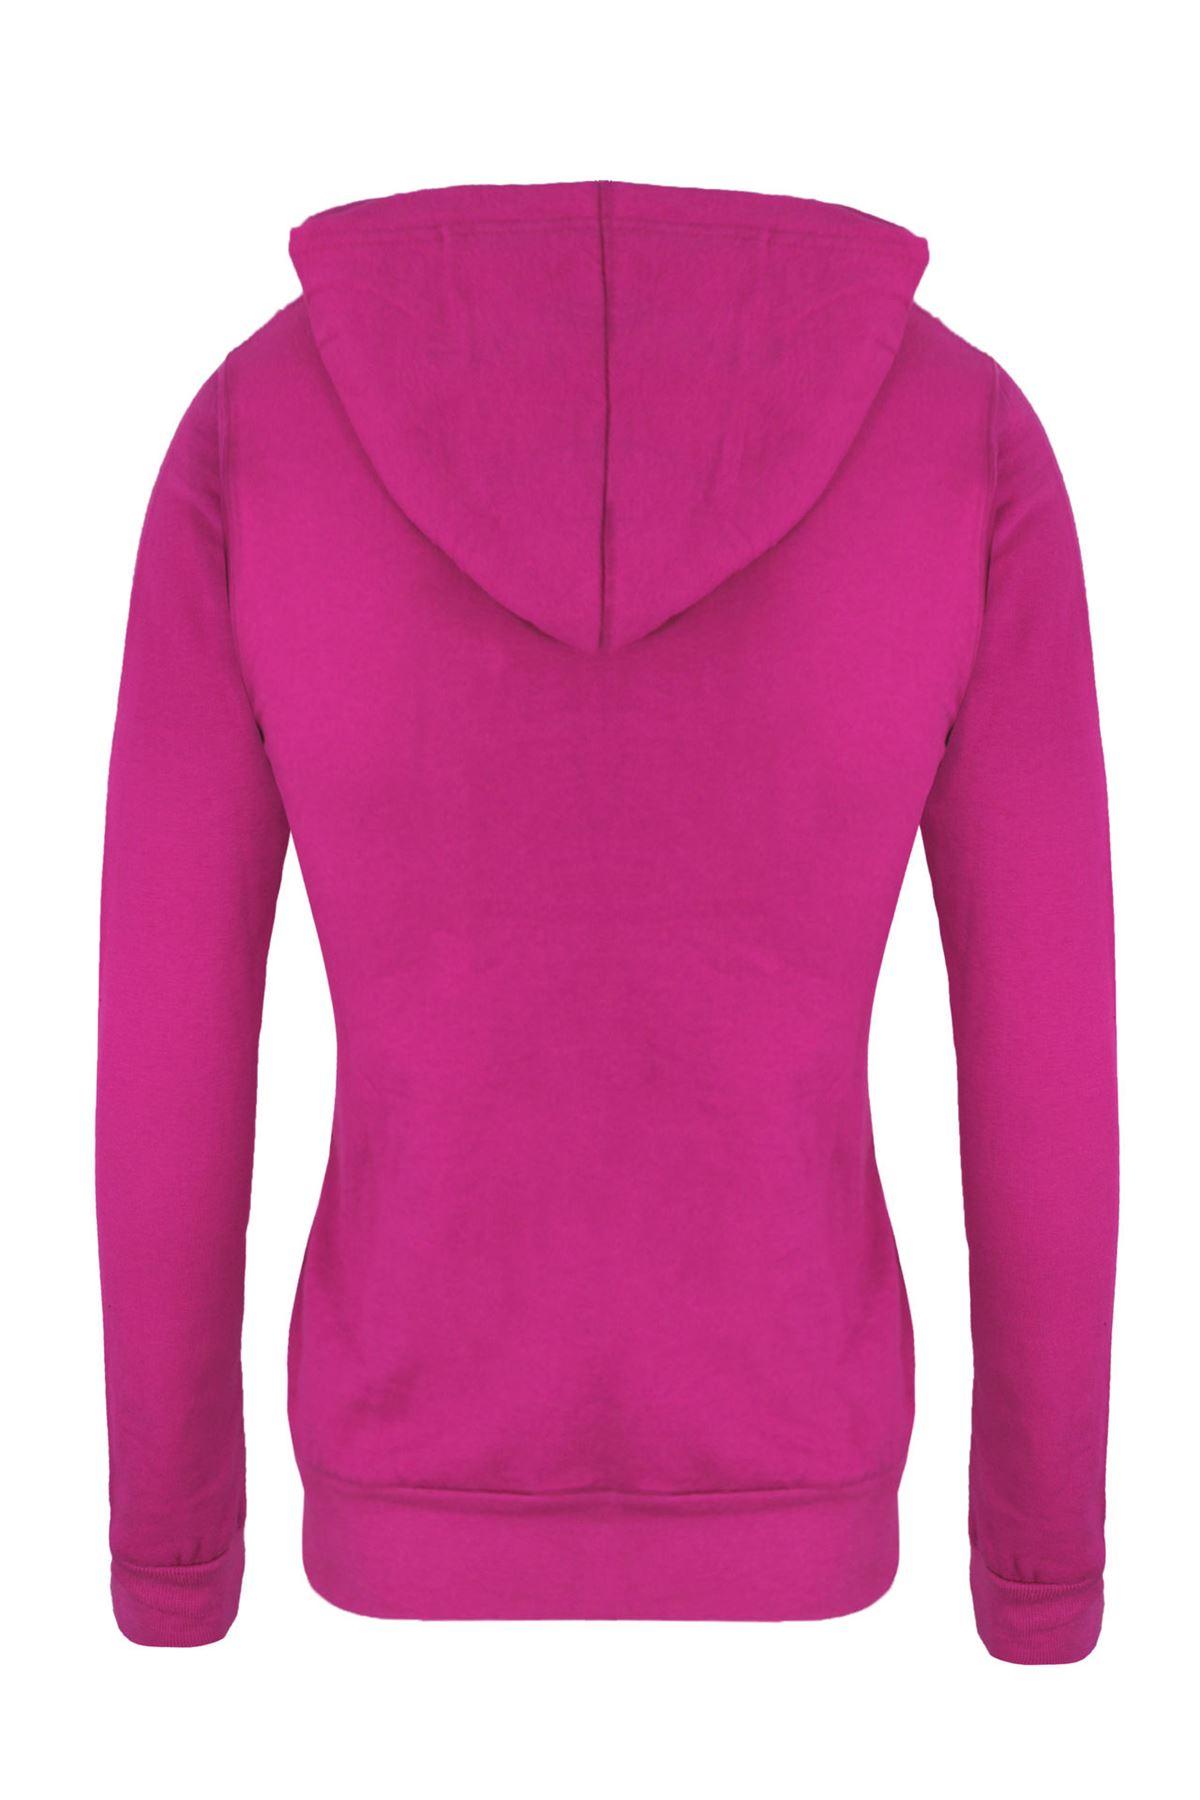 Femmes-Manches-Longues-Uni-A-Capuche-Femmes-Sweat-a-Capuche-Coton-Top-8-10-12-14 miniature 8